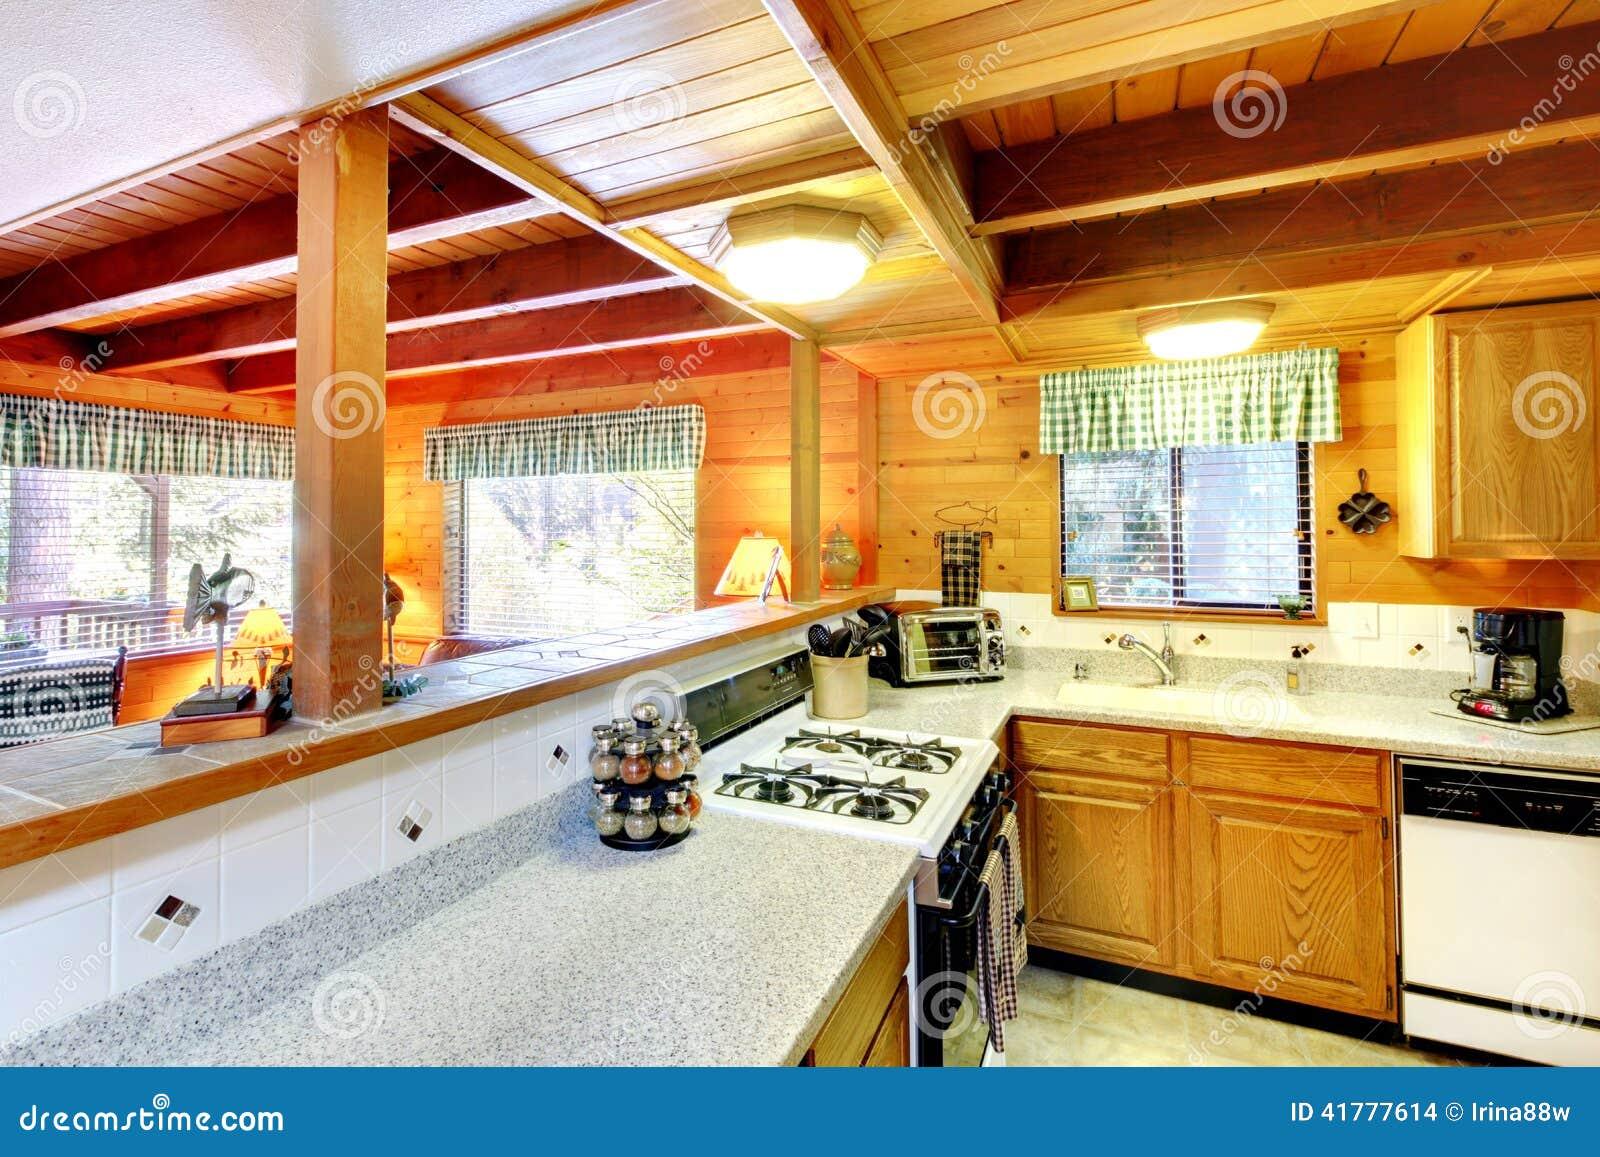 #BC3E0F Interior Da Cozinha Na Casa Da Cabana Rústica De Madeira Foto de  1300x957 px Planos De Armários De Cozinha_993 Imagens